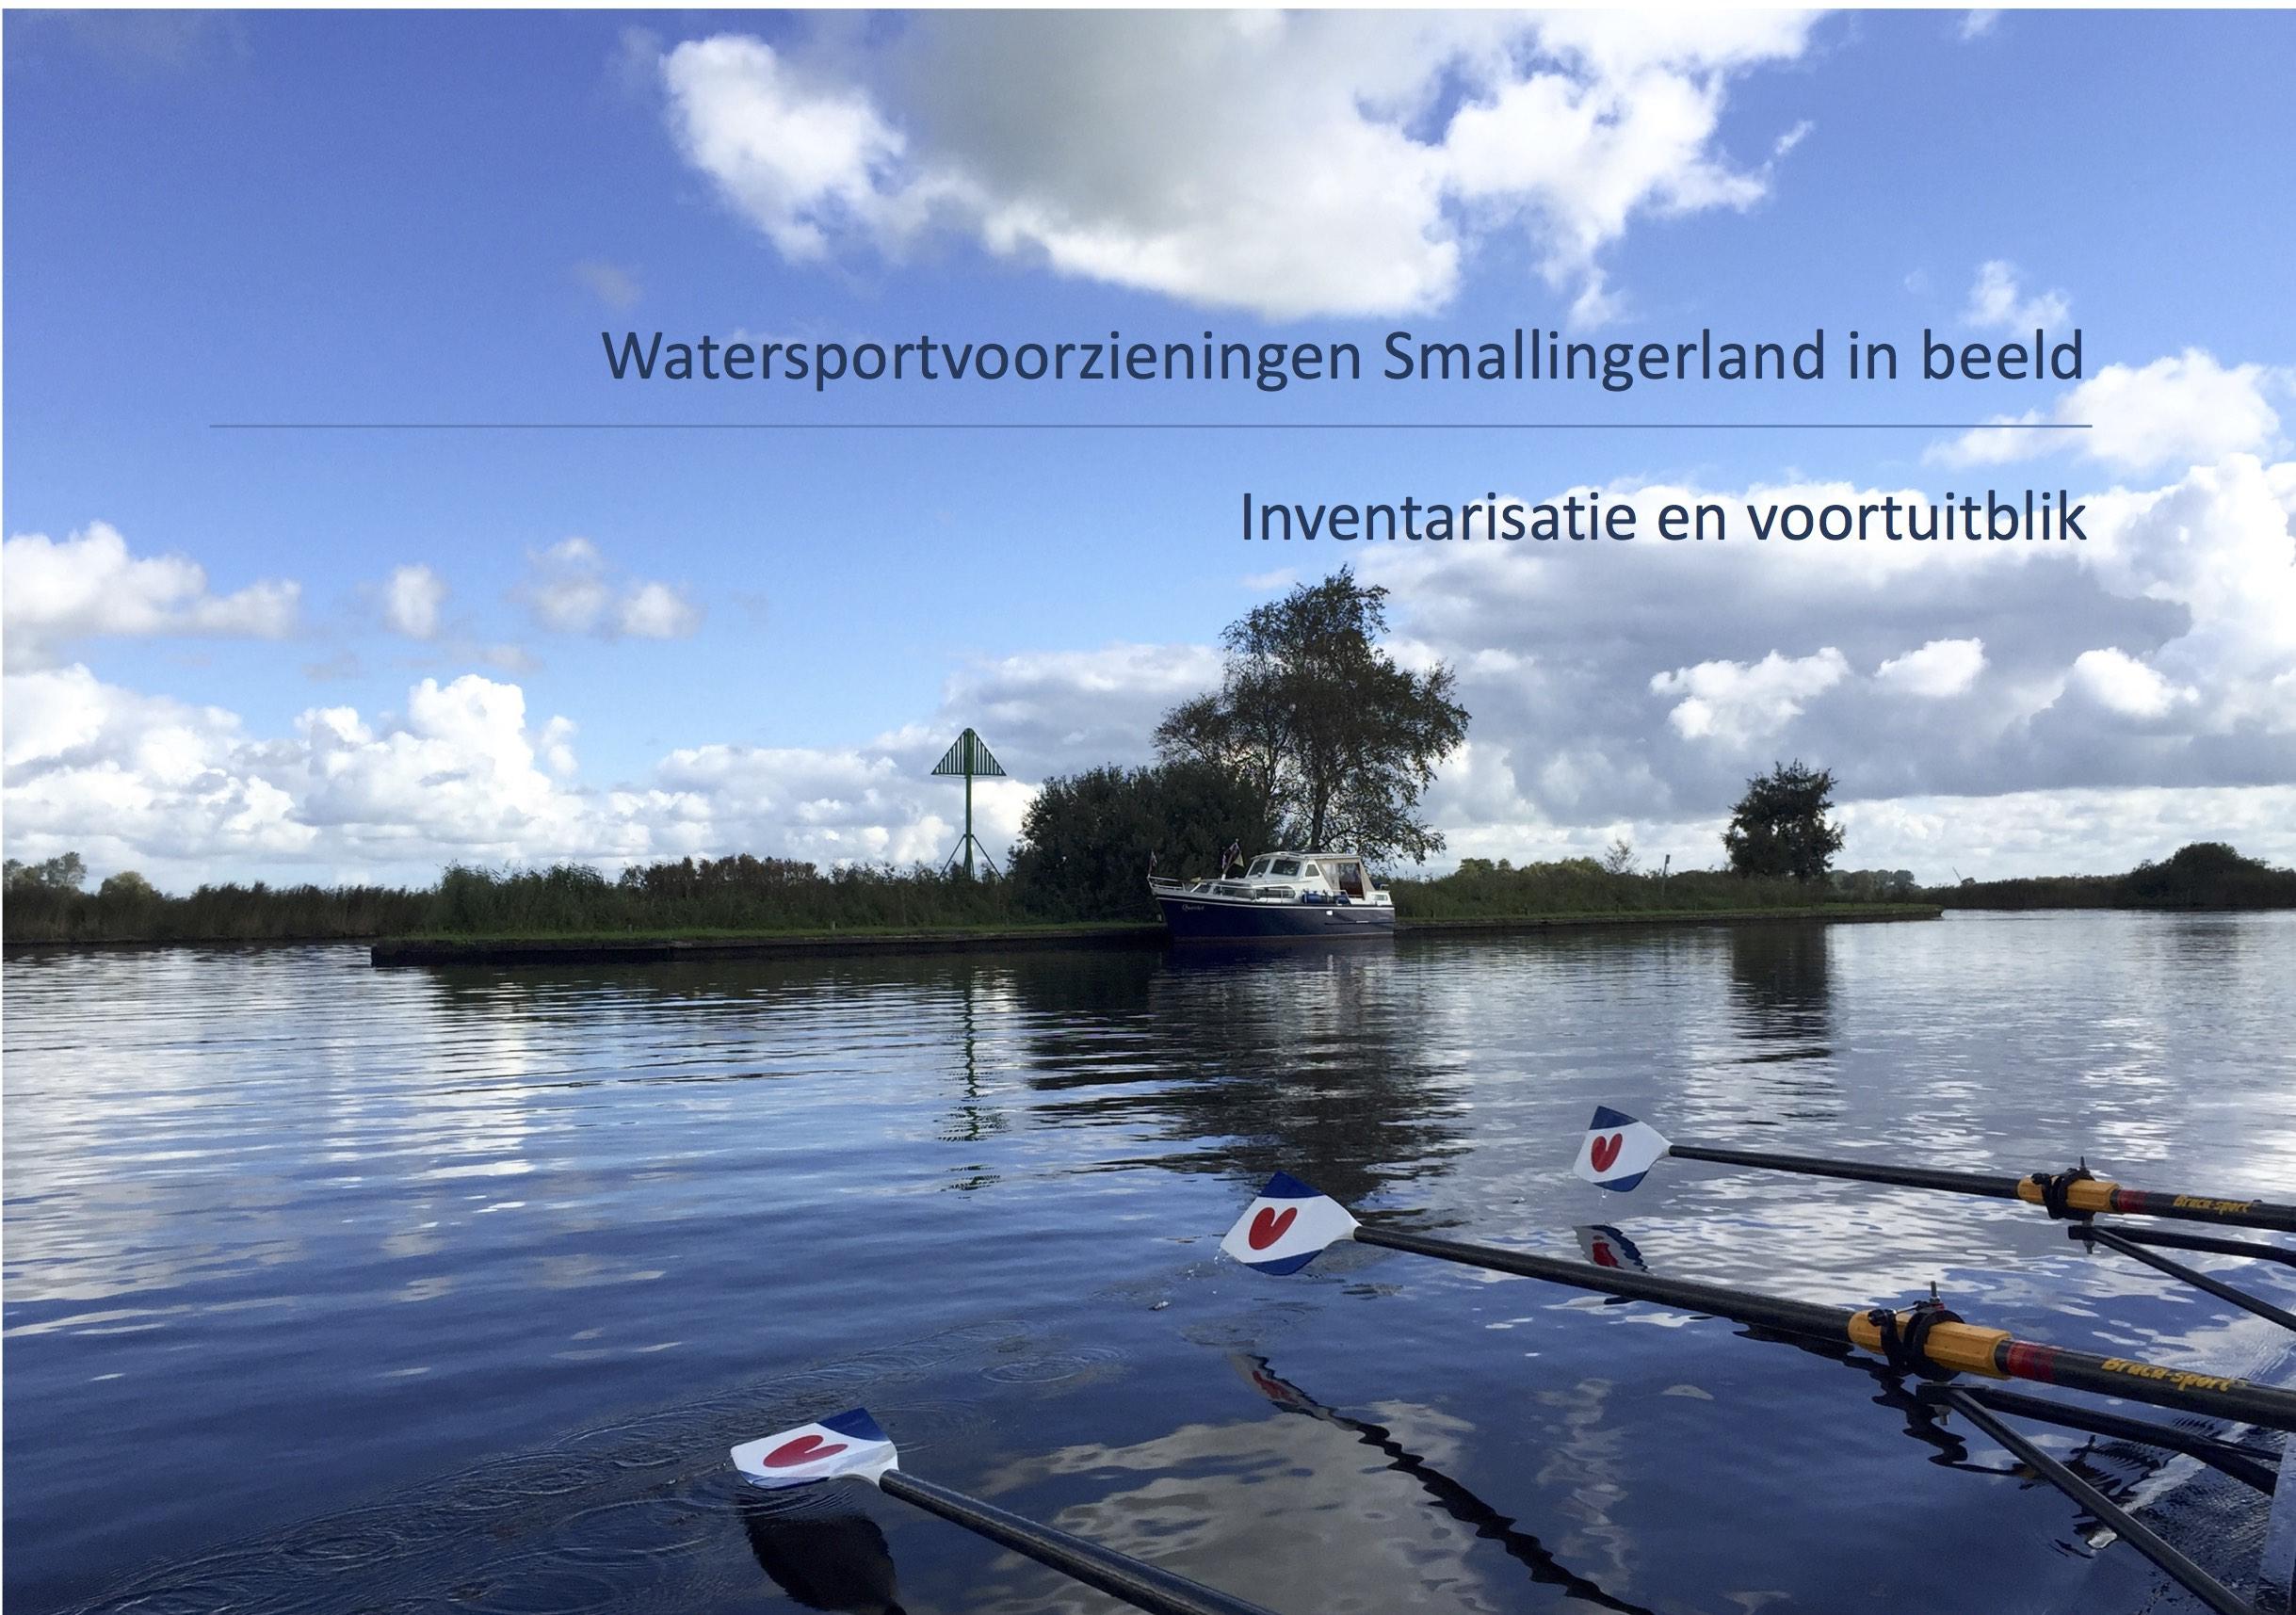 Waterrecreatie Smallingerland